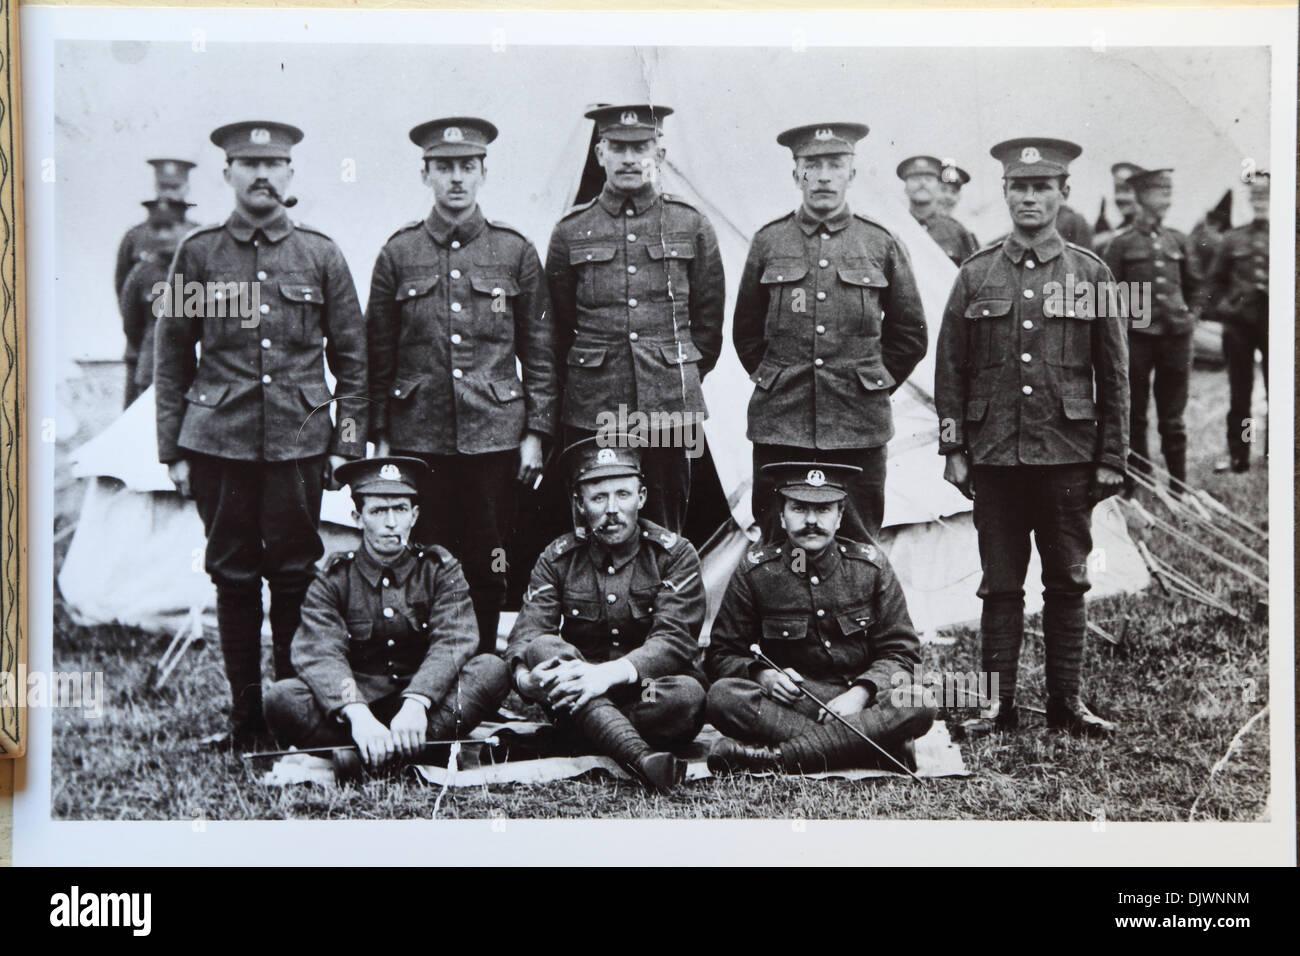 Britische Ersten Weltkrieg Soldaten im Feldlager, 1.Weltkrieg, 1 WW, Großen Krieg 1914-1918, Geschichte, Archiv Archivierung historischer Bilder, WW1, England UK Britische Armee Soldat camp Weltkrieg 1. Stockbild